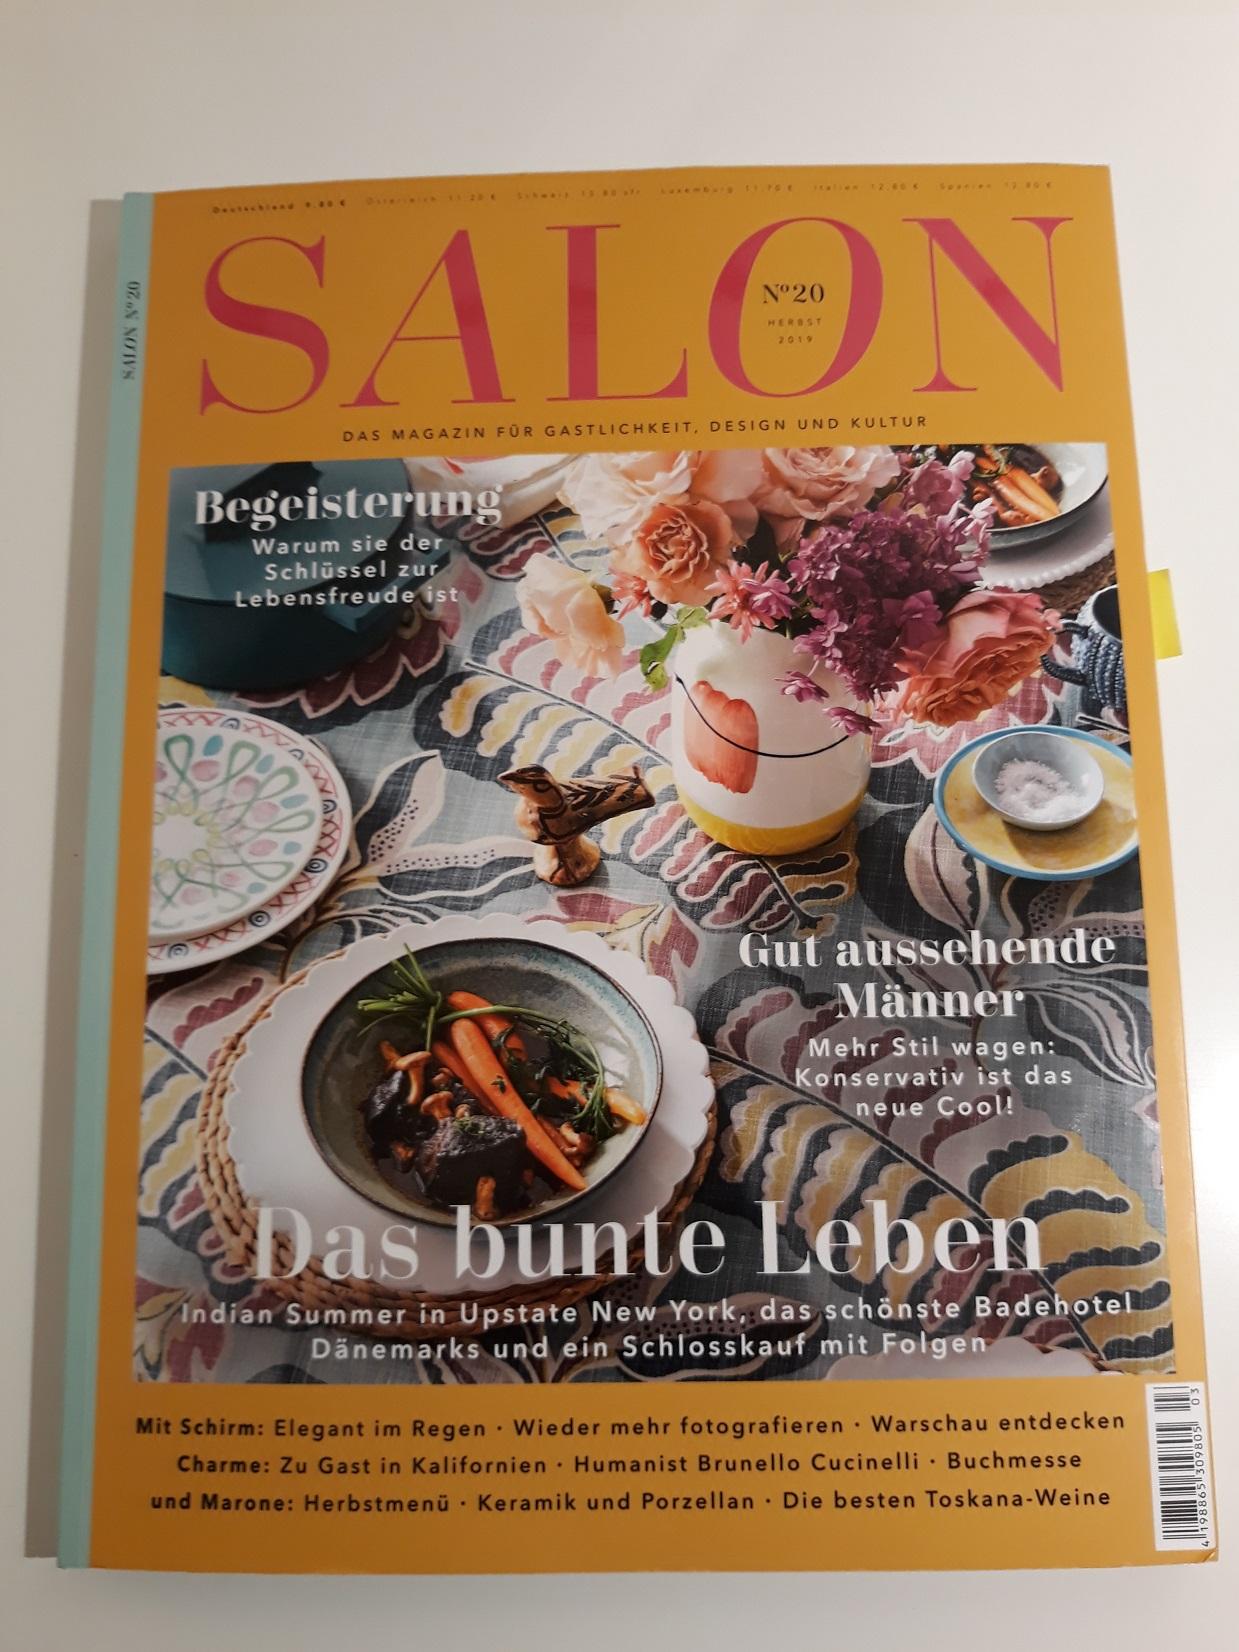 Titelseite des Magazins Salon Ausgabe 20 mit einem bunt gedeckten Tisch